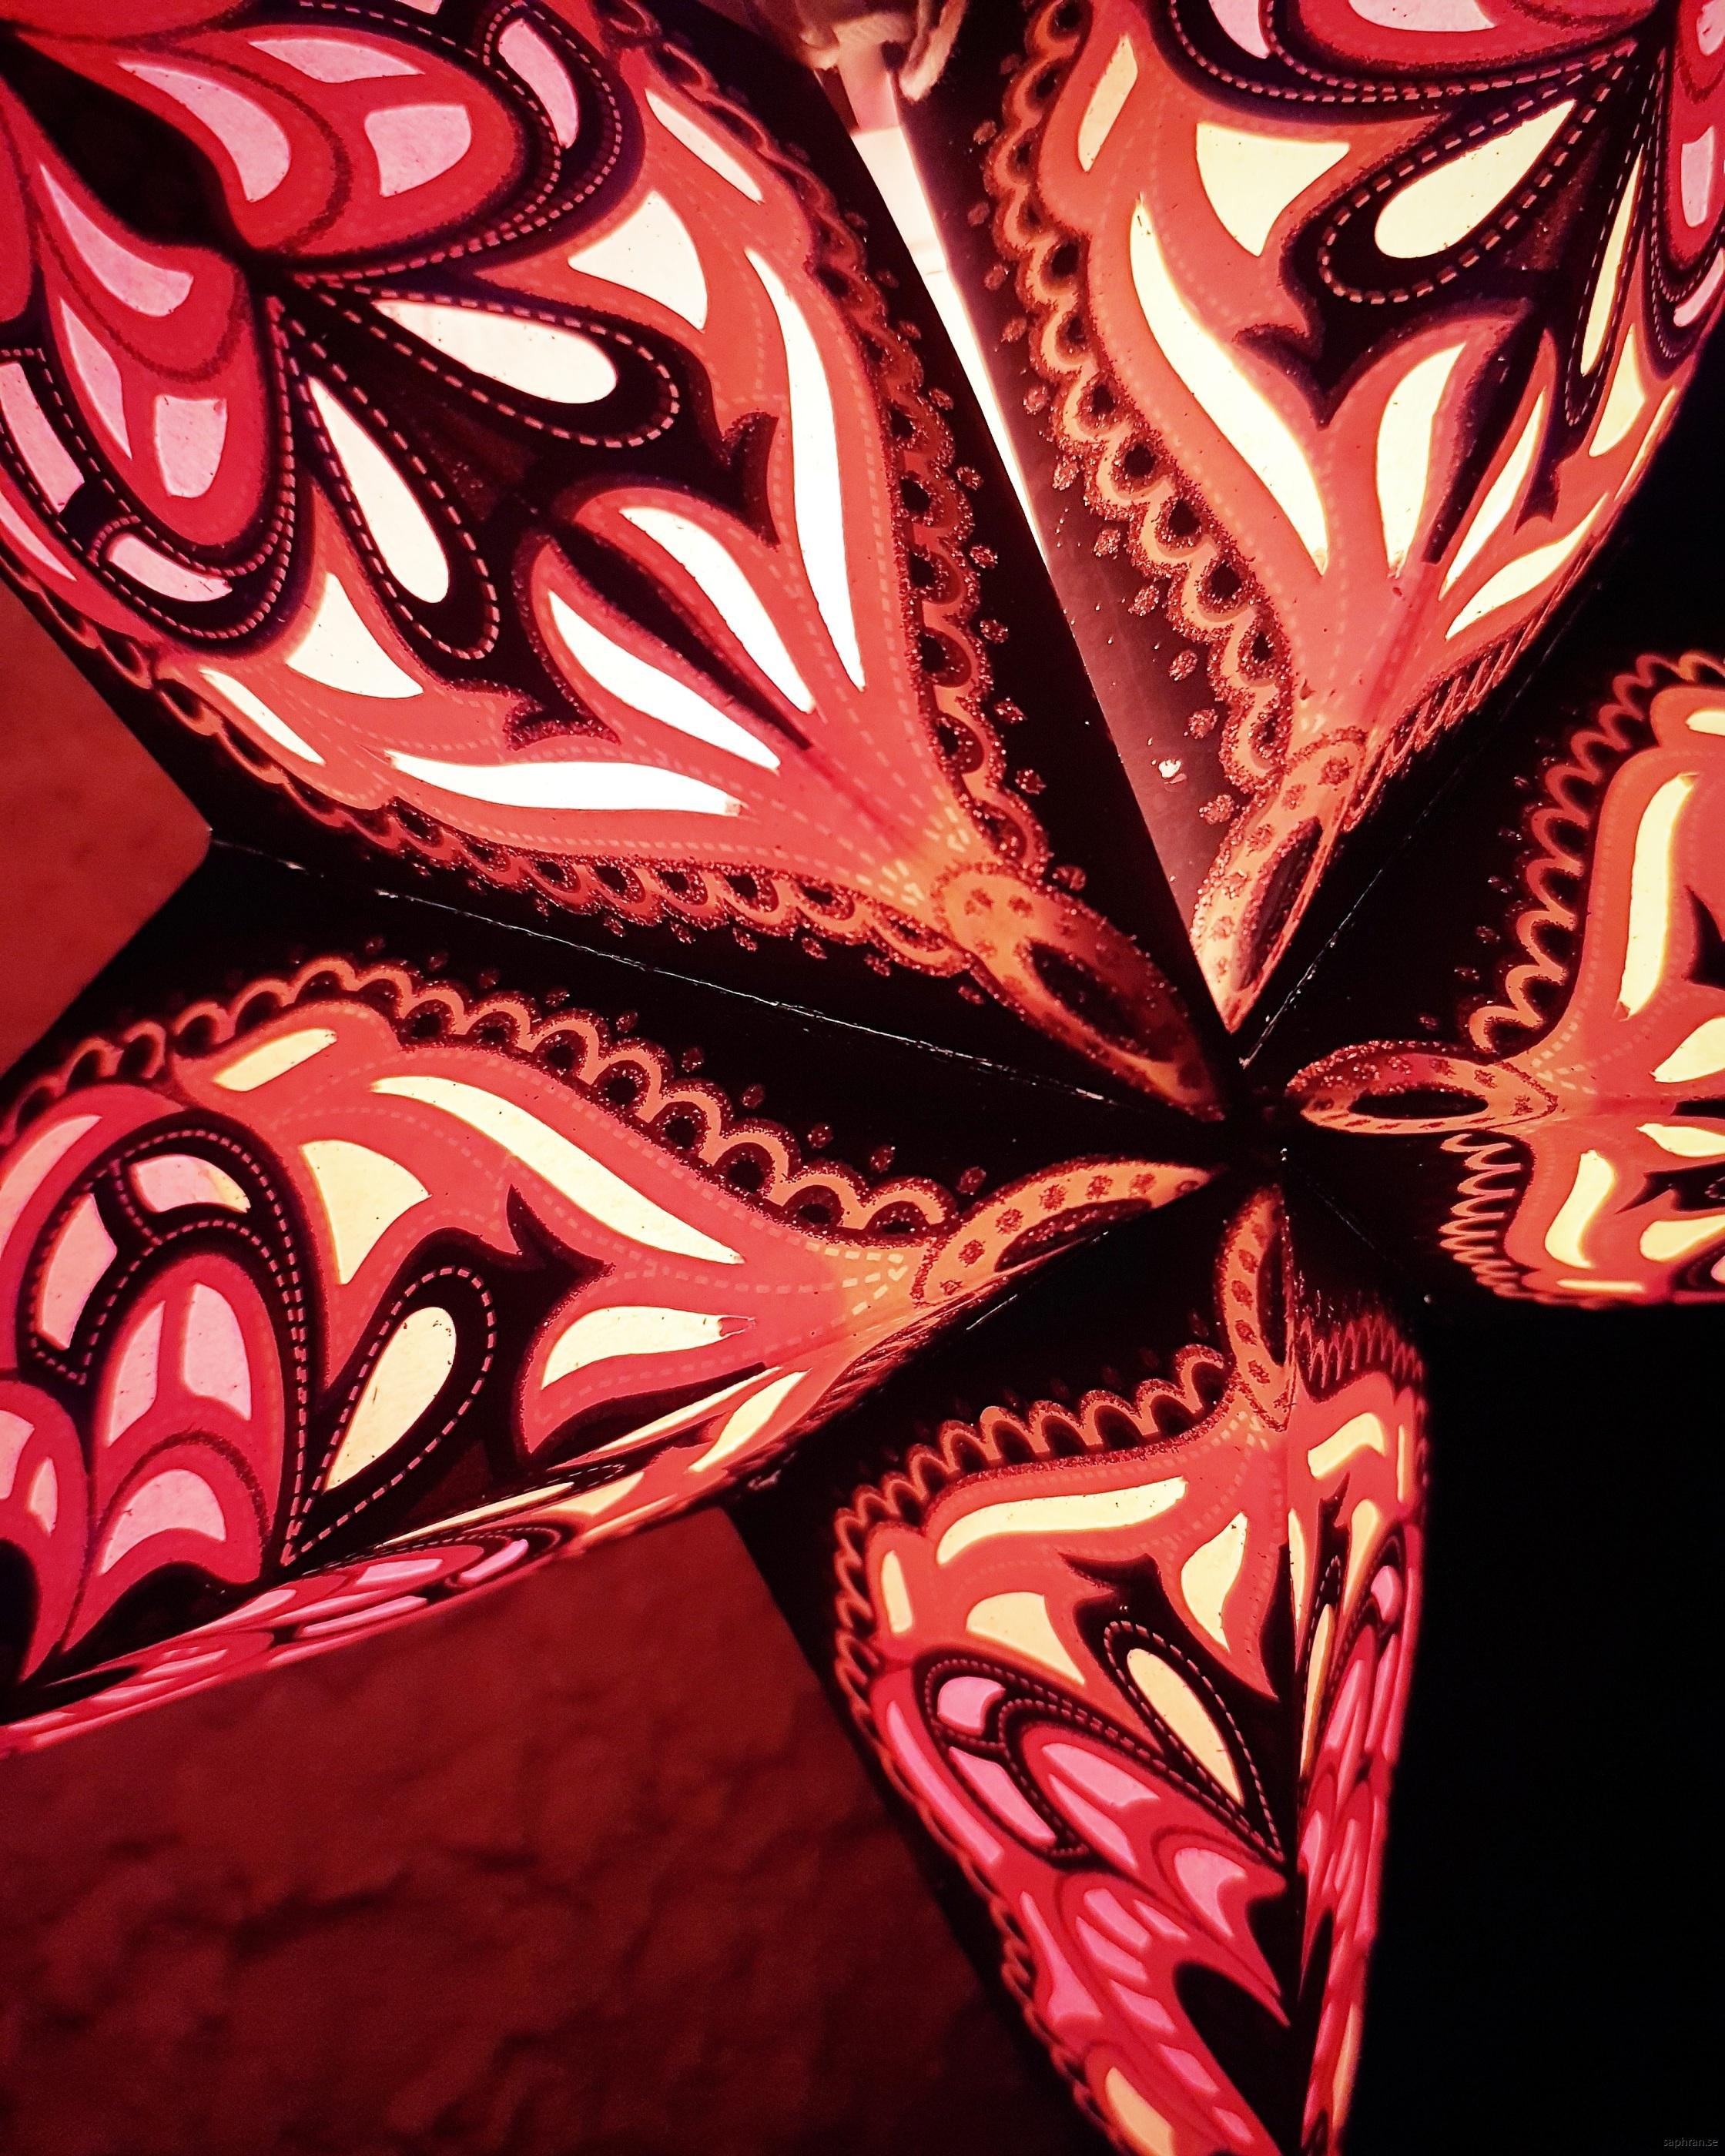 Guldglittrig adventsstjärna med mönster i svart och oranget